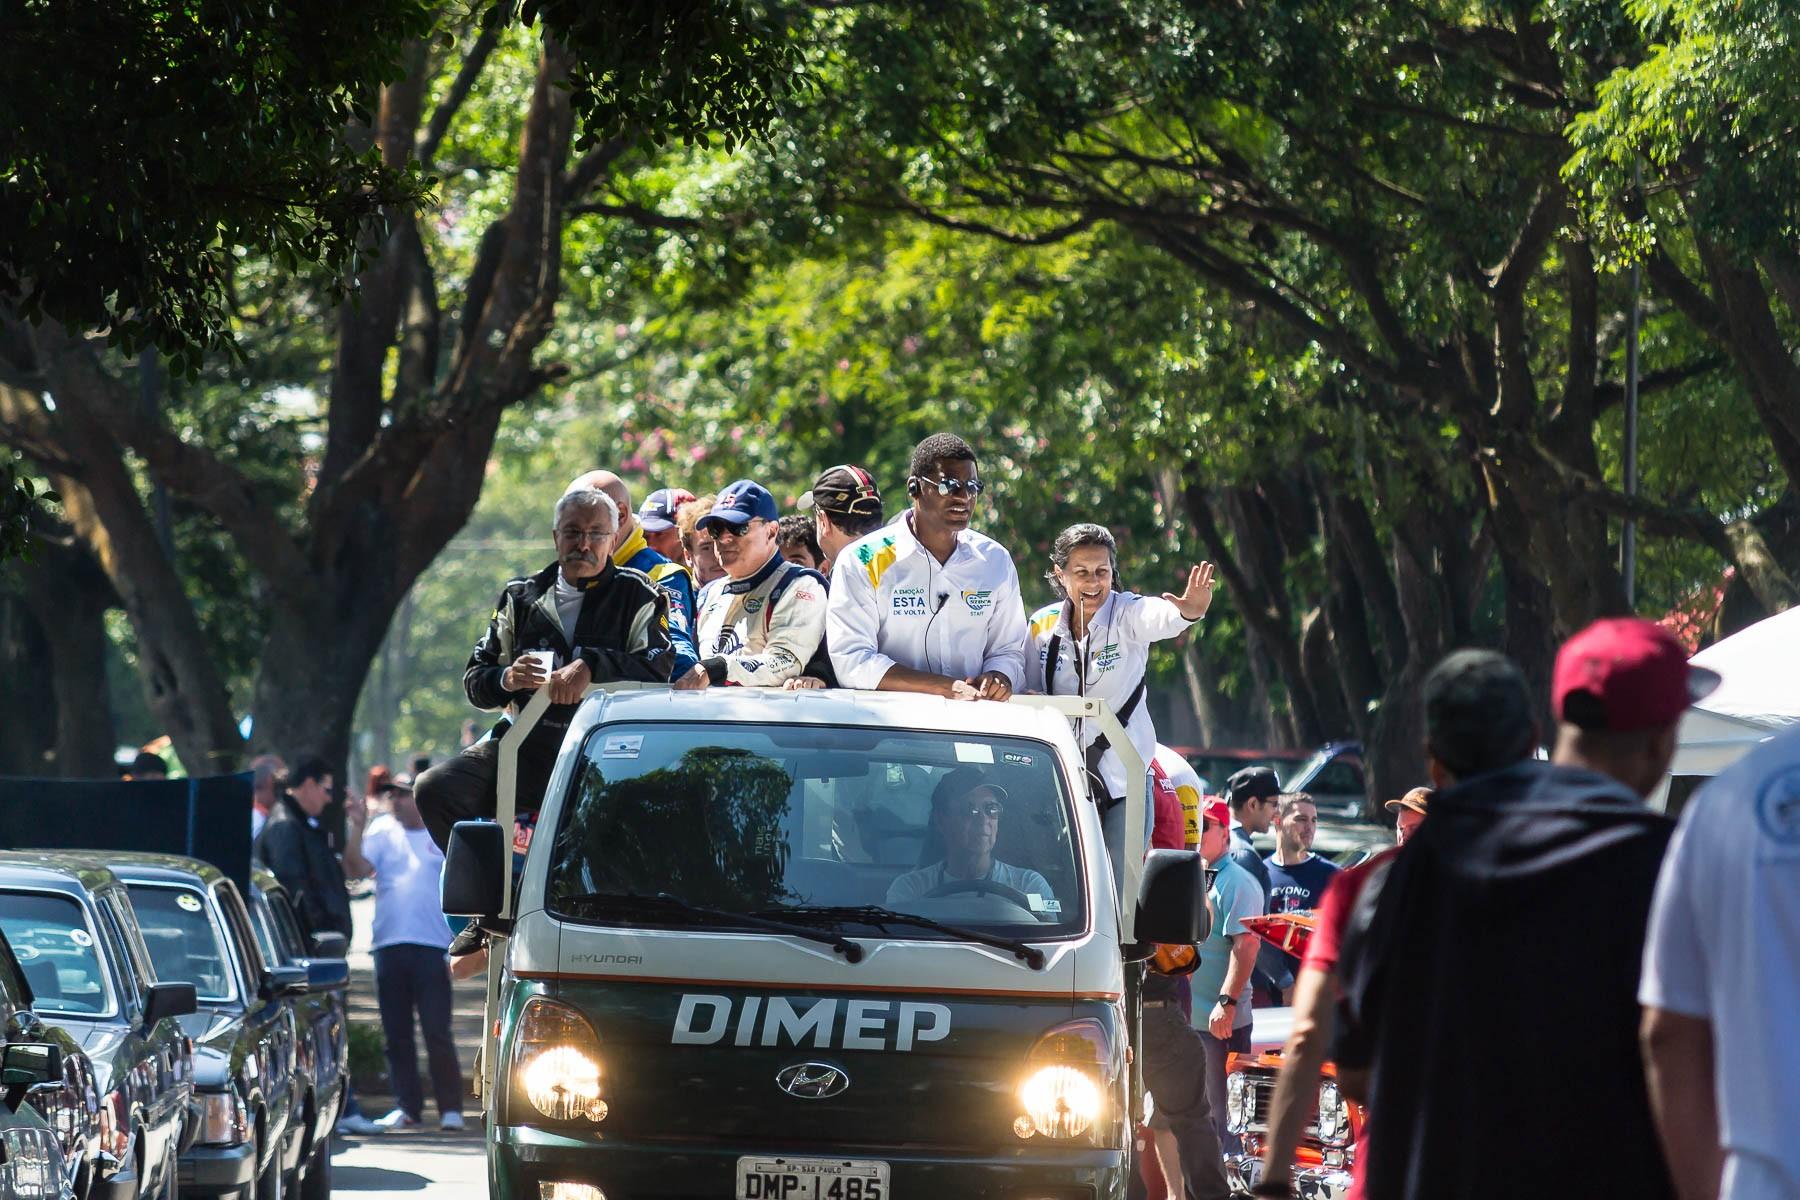 Pilotos no meio da galera (Foto: Divulgação/Andre Lemes)